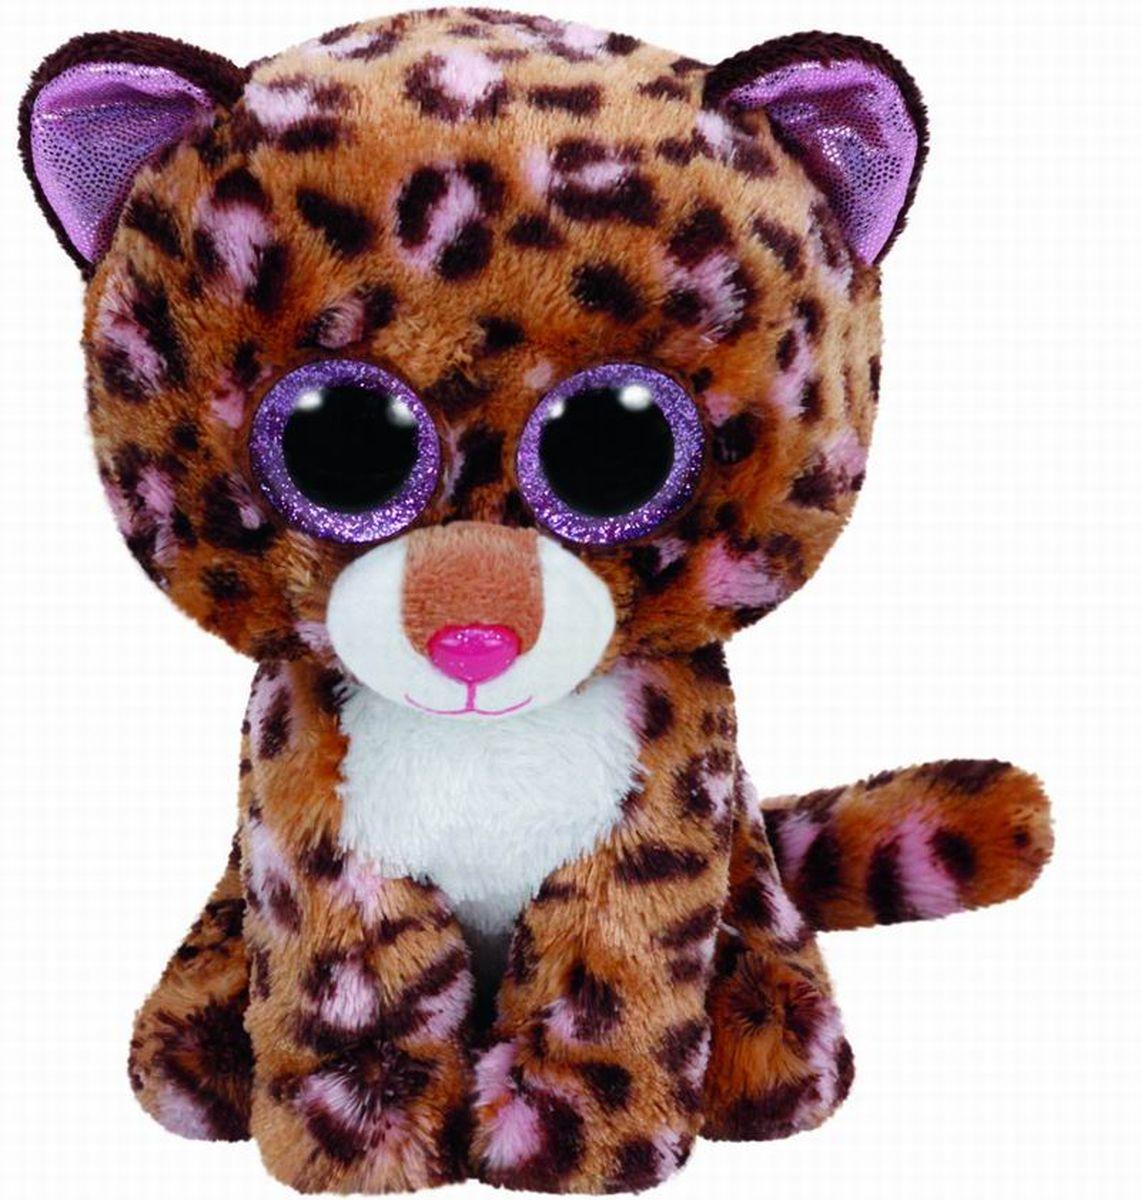 TY Beanie Boos Мягкая игрушка Леопард Patches 15см37177Замечательная мягкая игрушка серии TY станет самым лучшим другом вашему малышу. Особенность игрушки в том, что она понравится как мальчикам , так и девочкам. Замечательный игрушки TY с невероятно добрыми искренними глазками еще никого не оставлял равнодушным! Игрушка развивает: - тактильные навыки, - зрительную координацию, - мелкую моторику рук. От 3-х лет.